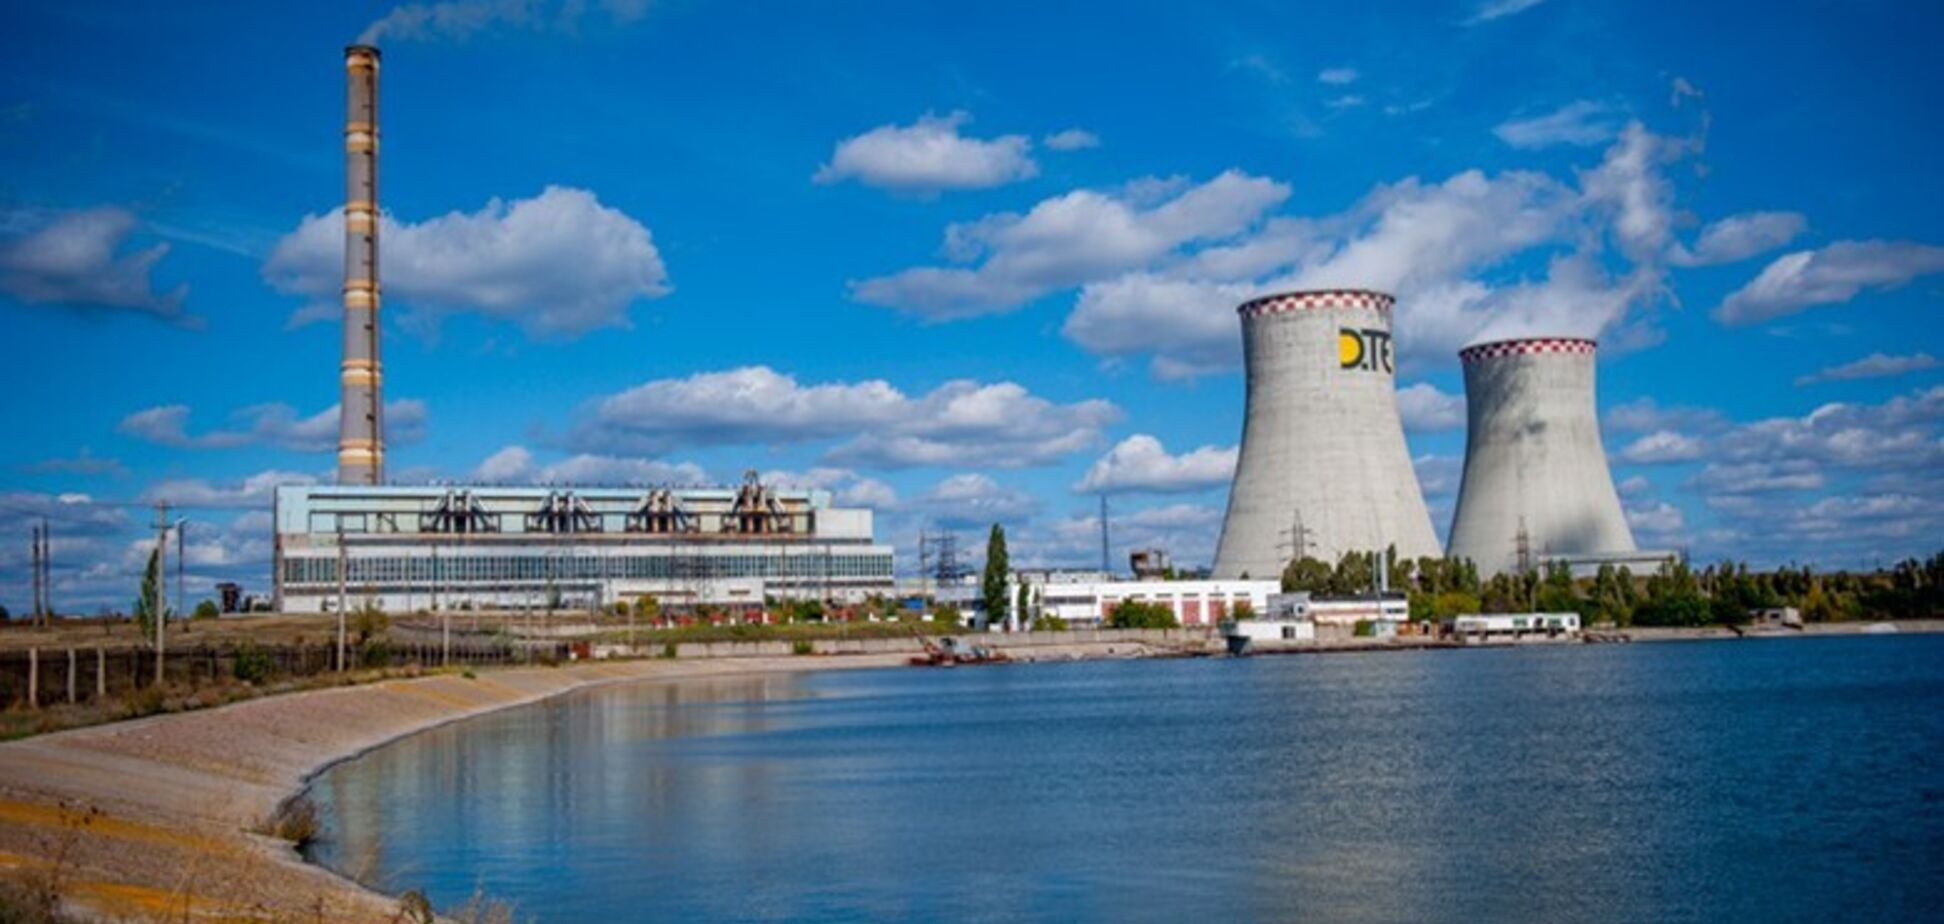 ТЭС ДТЭК уменьшили выбросы в атмосферный воздух в 2020 году – Минэкологии